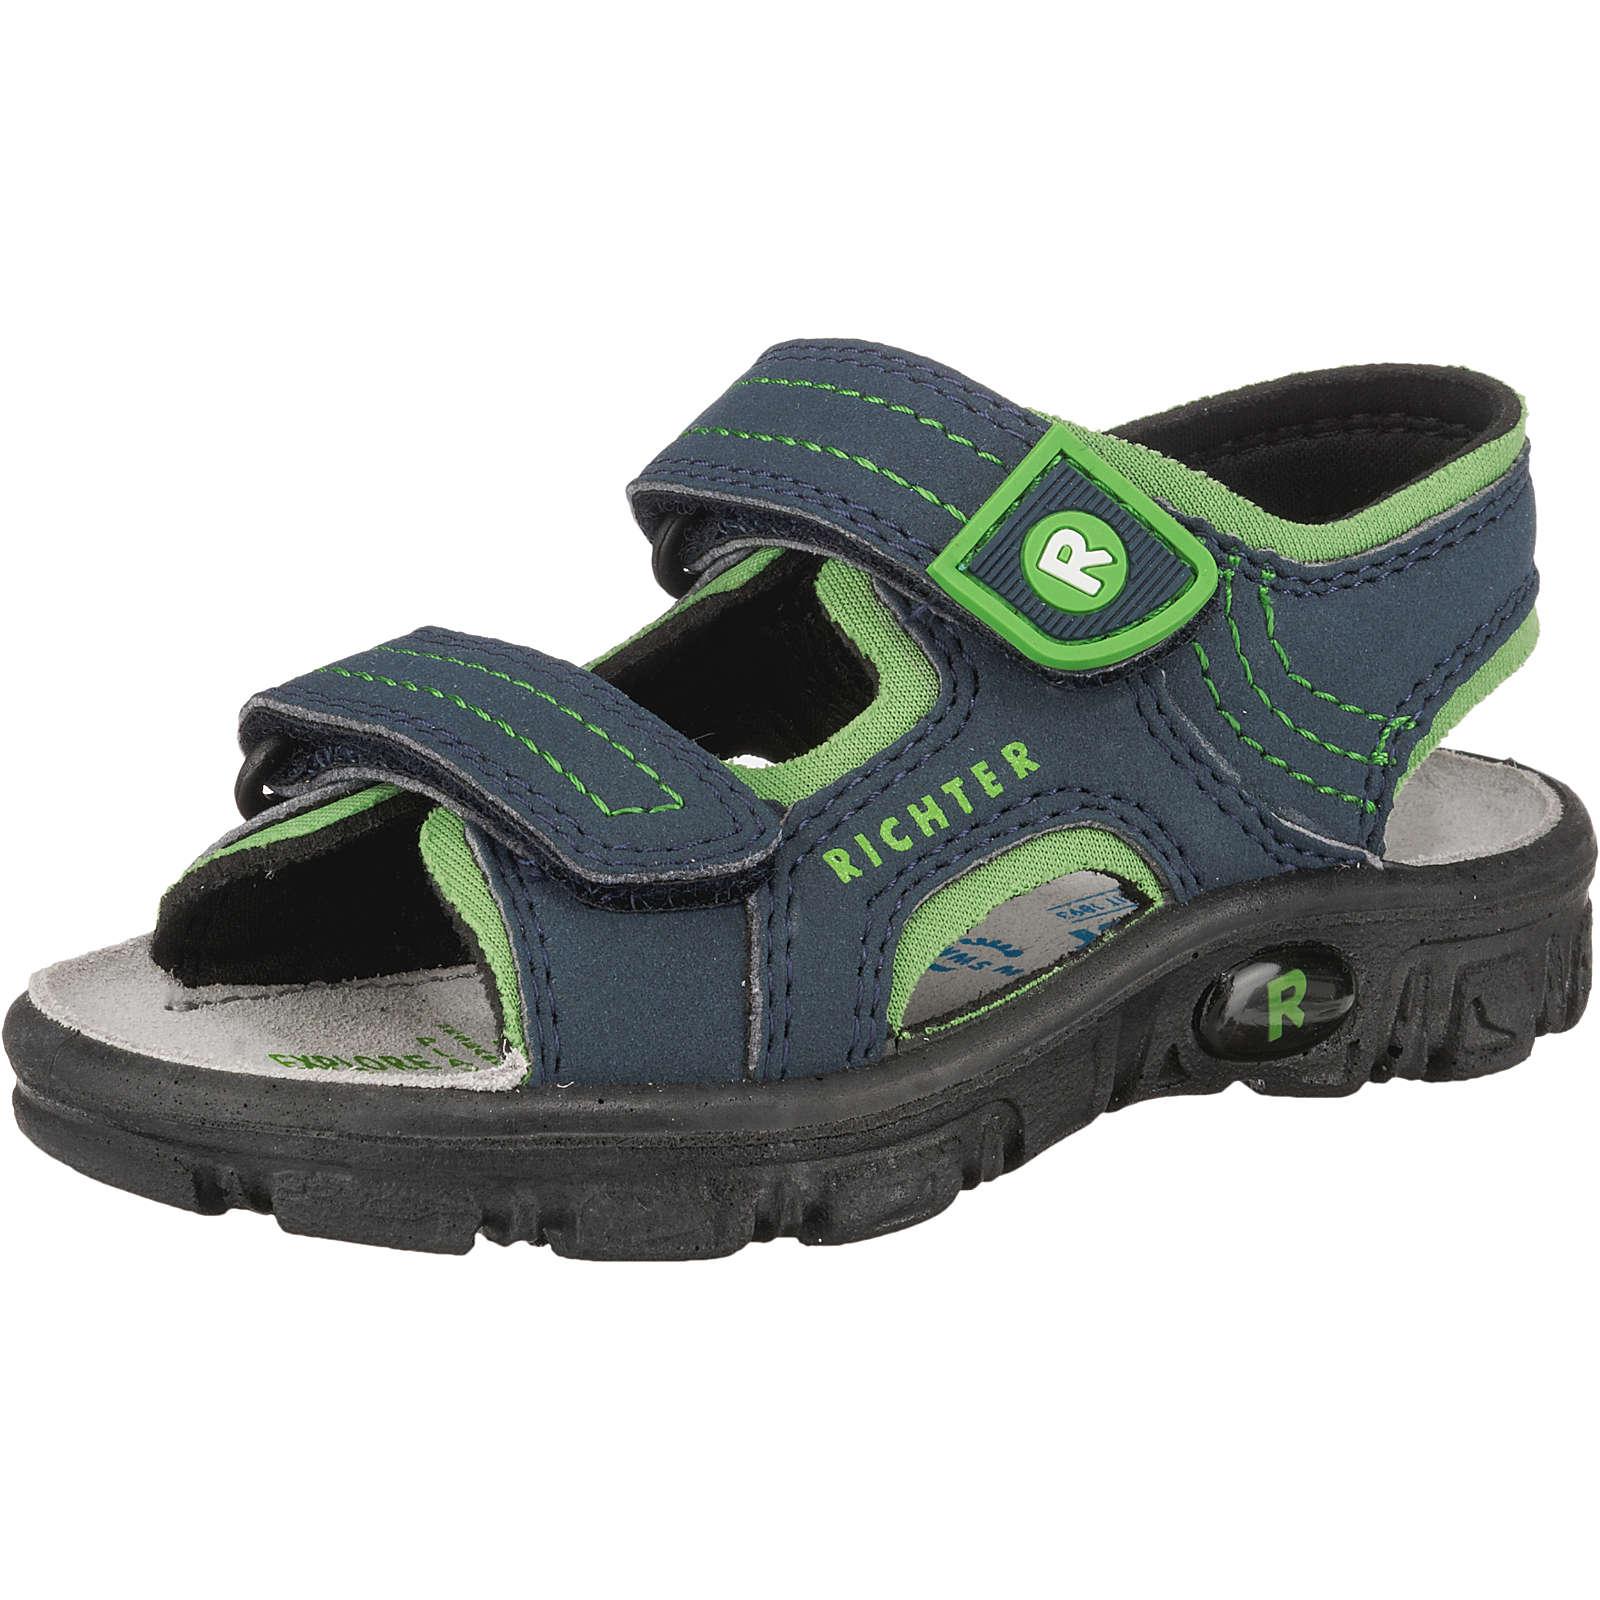 RICHTER Sandalen für Jungen blau/grün Junge Gr. 31